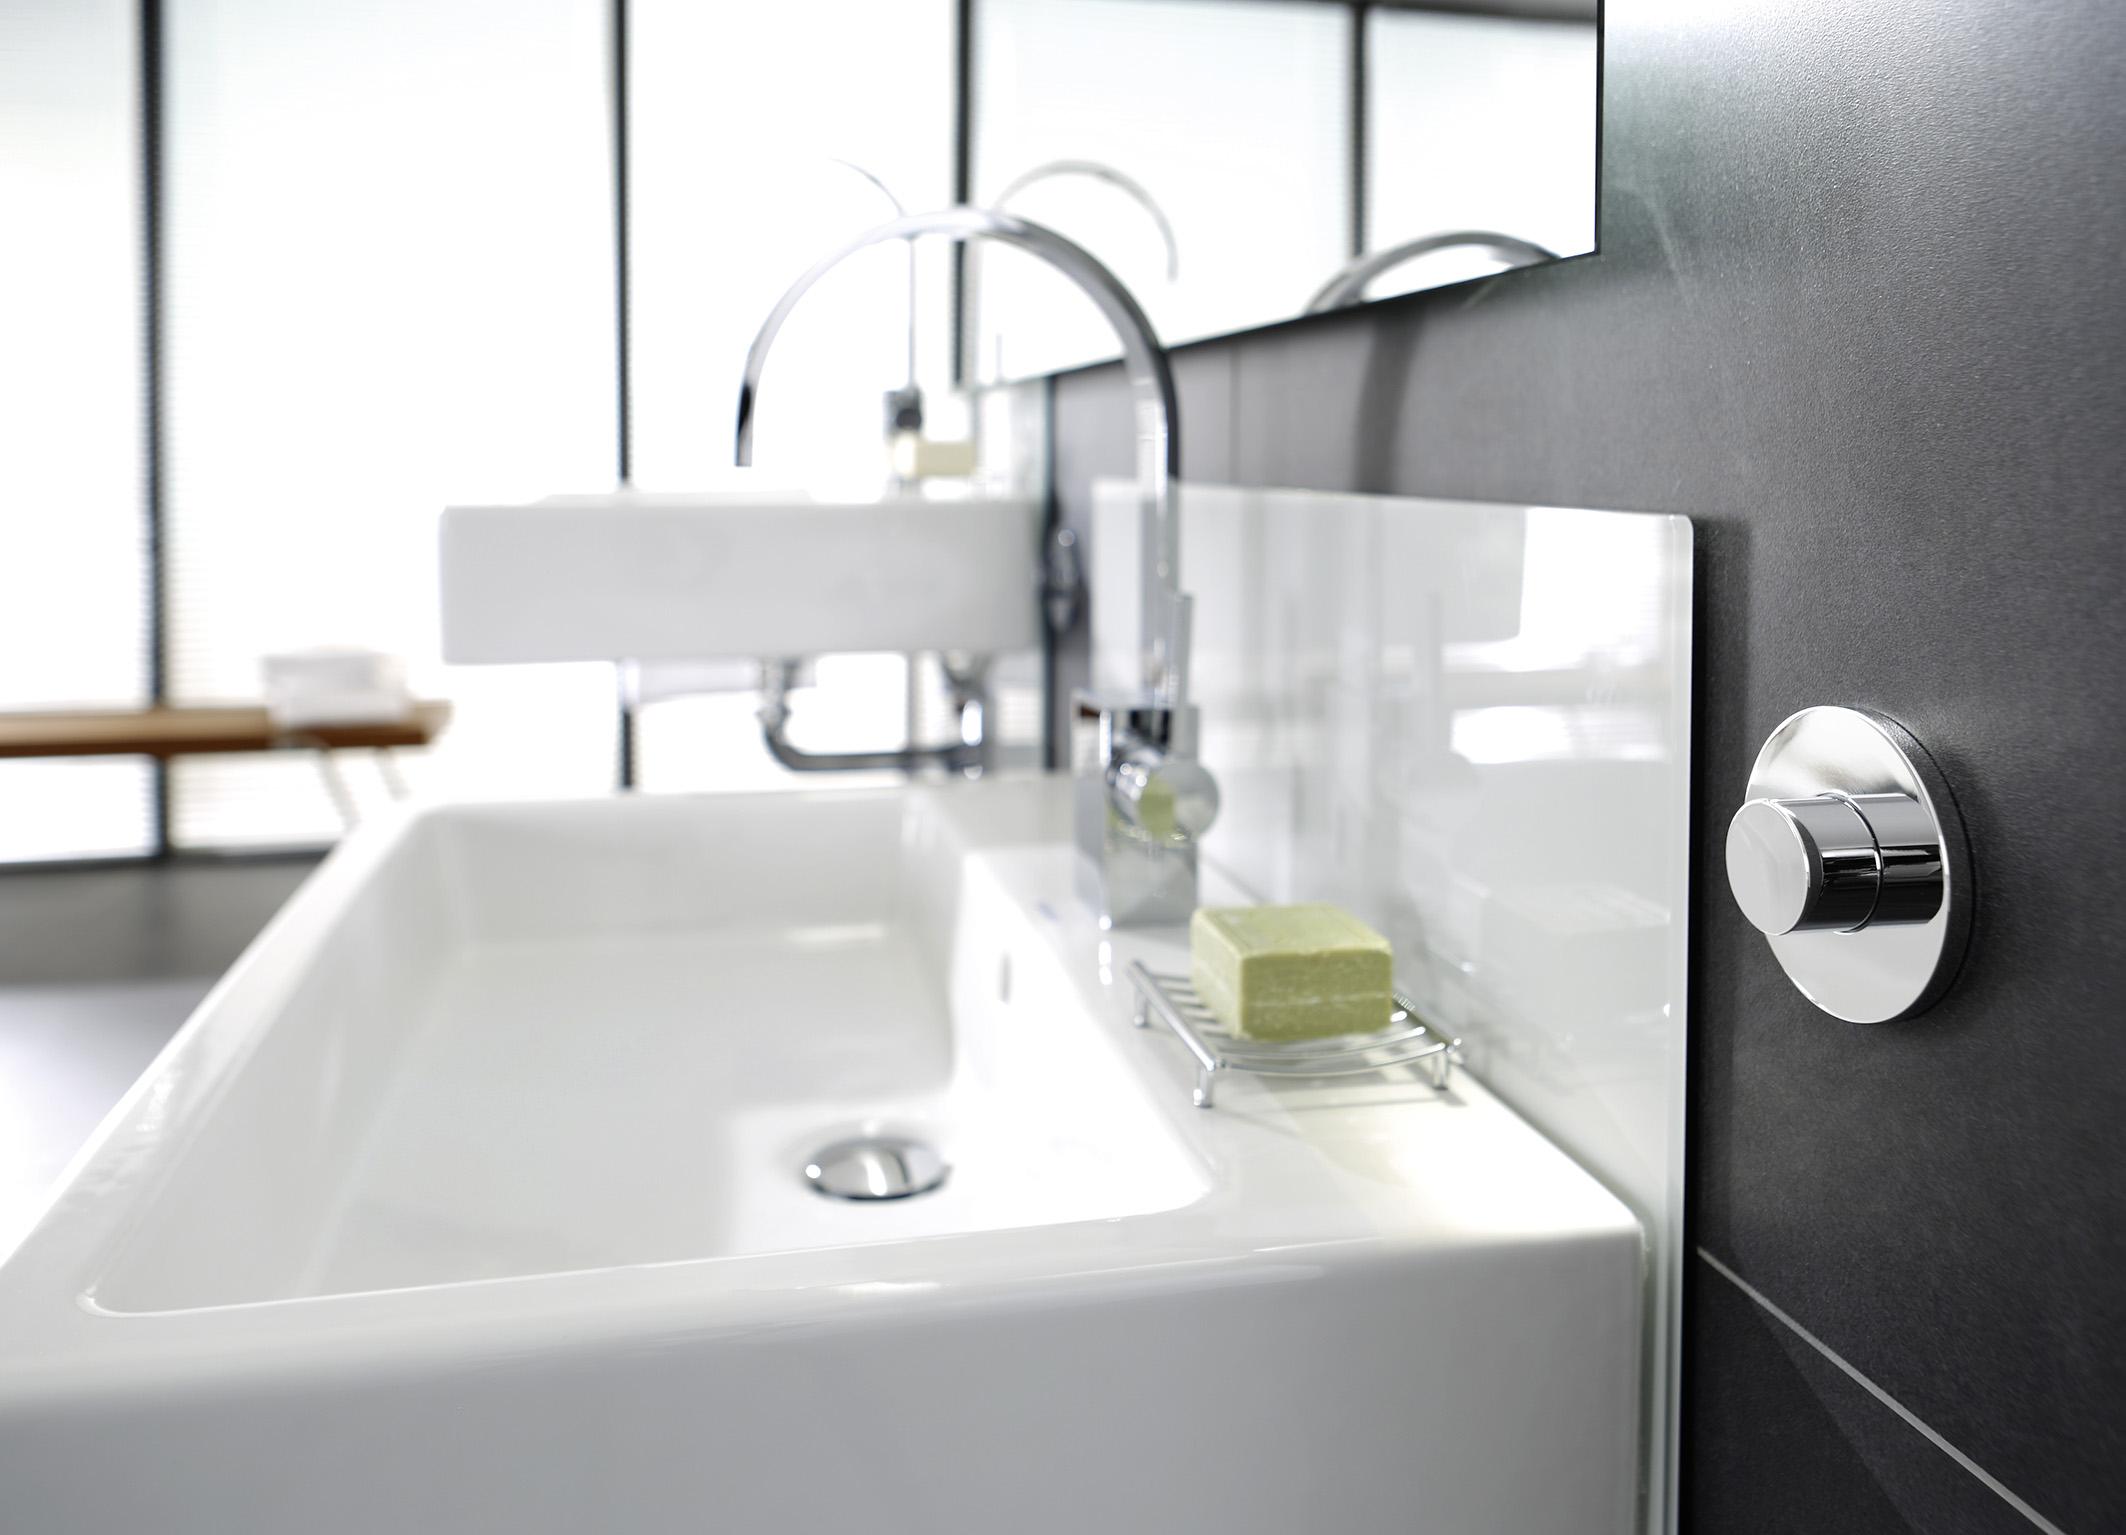 Wasbak Badkamer Plaatsen : Stel uw wastafel of toilet met een druk op de knop op de juiste